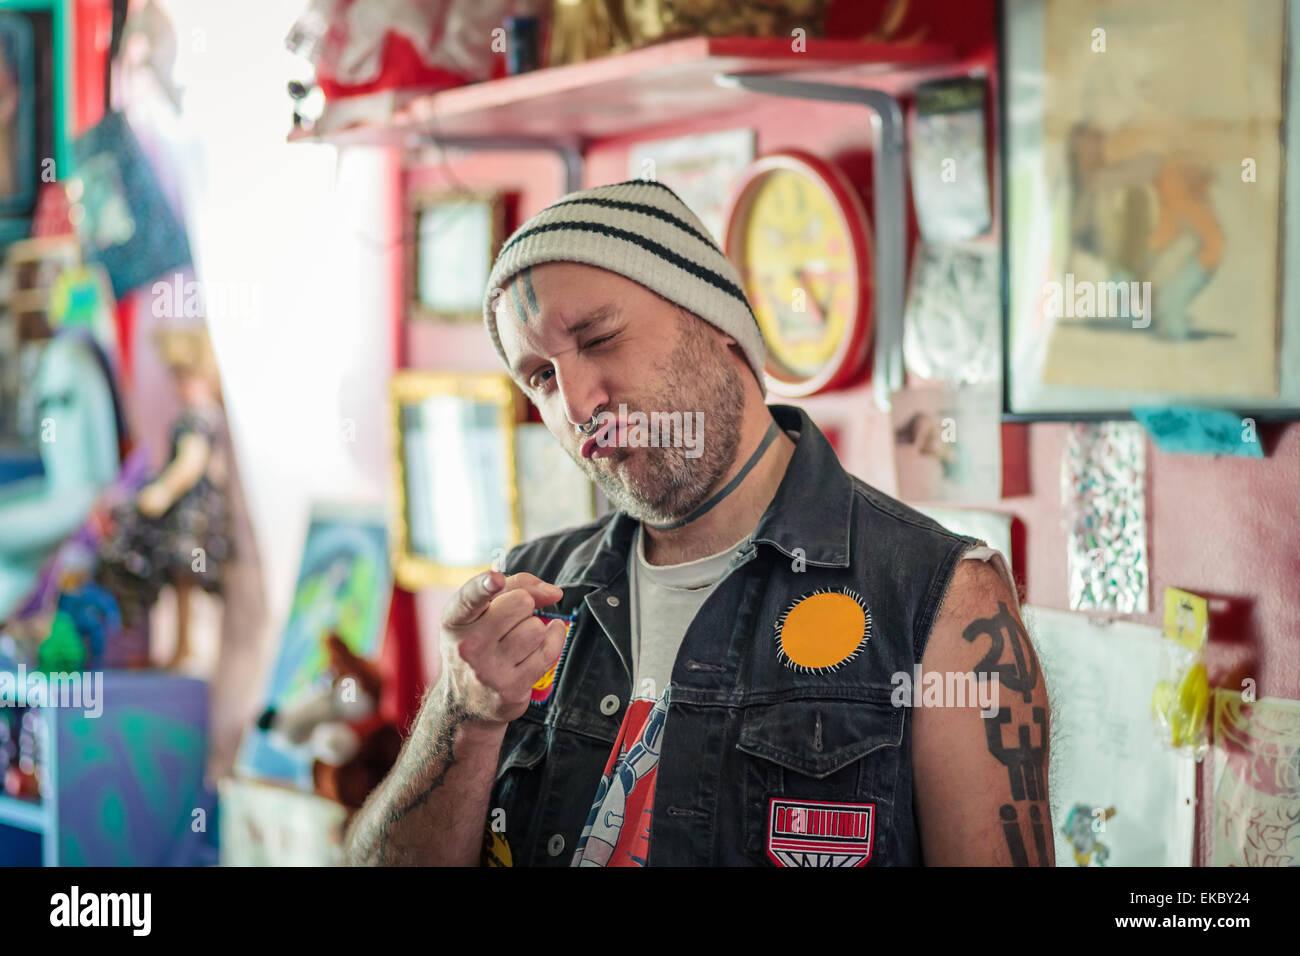 Retrato de punk masculino tendero guiño en vintage tienda de juguetes Imagen De Stock